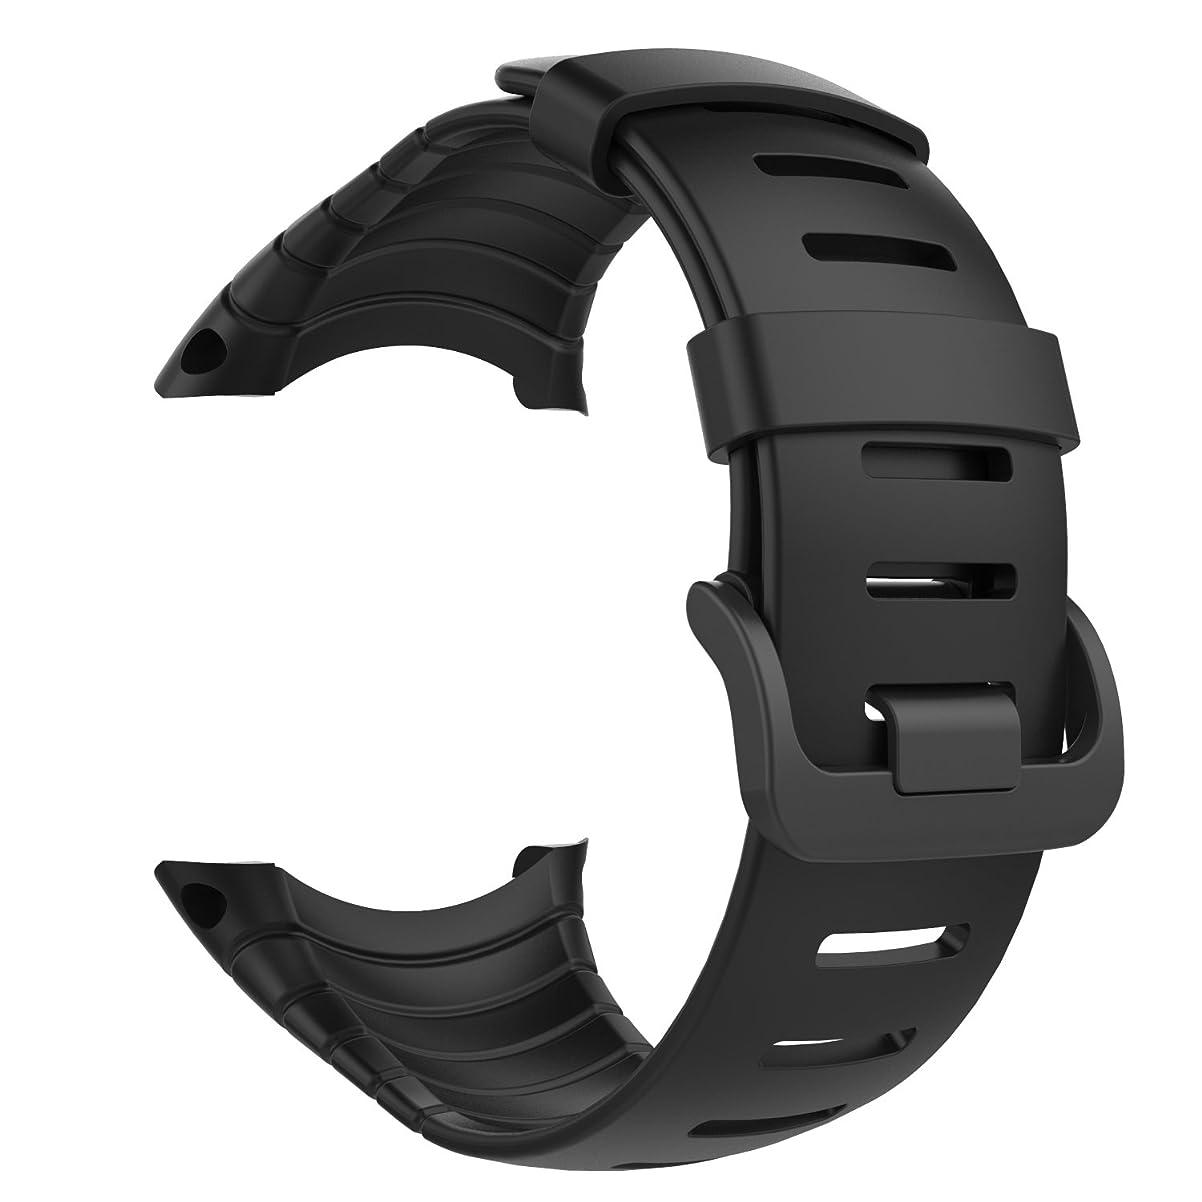 正確に謎あなたが良くなりますSuunto Core バンド - ATiC SUUNTO(スント) Coreコア専用 ソフト 高級 TPU製腕時計ストラップ/バンド 交換ベルト 腕サイズ:5.51